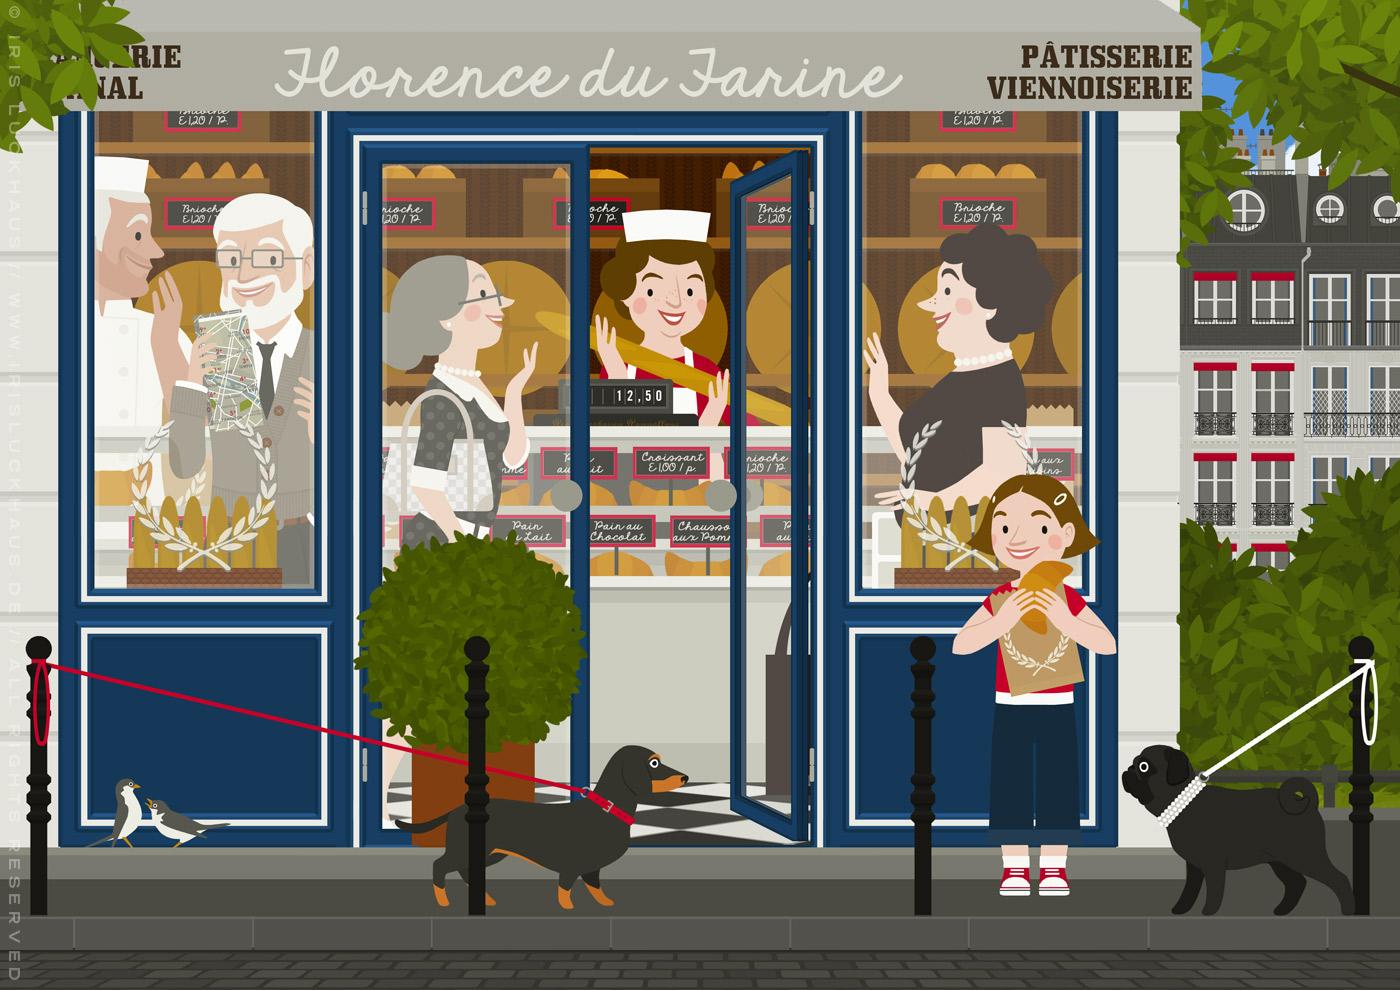 Zeichnung eines alten Pärchens mit Dackel, das in einer Boulangerie in Paris einkauft und dabei Bäcker, Bäckerin und andere Kunden mit Baguette kennenlernt